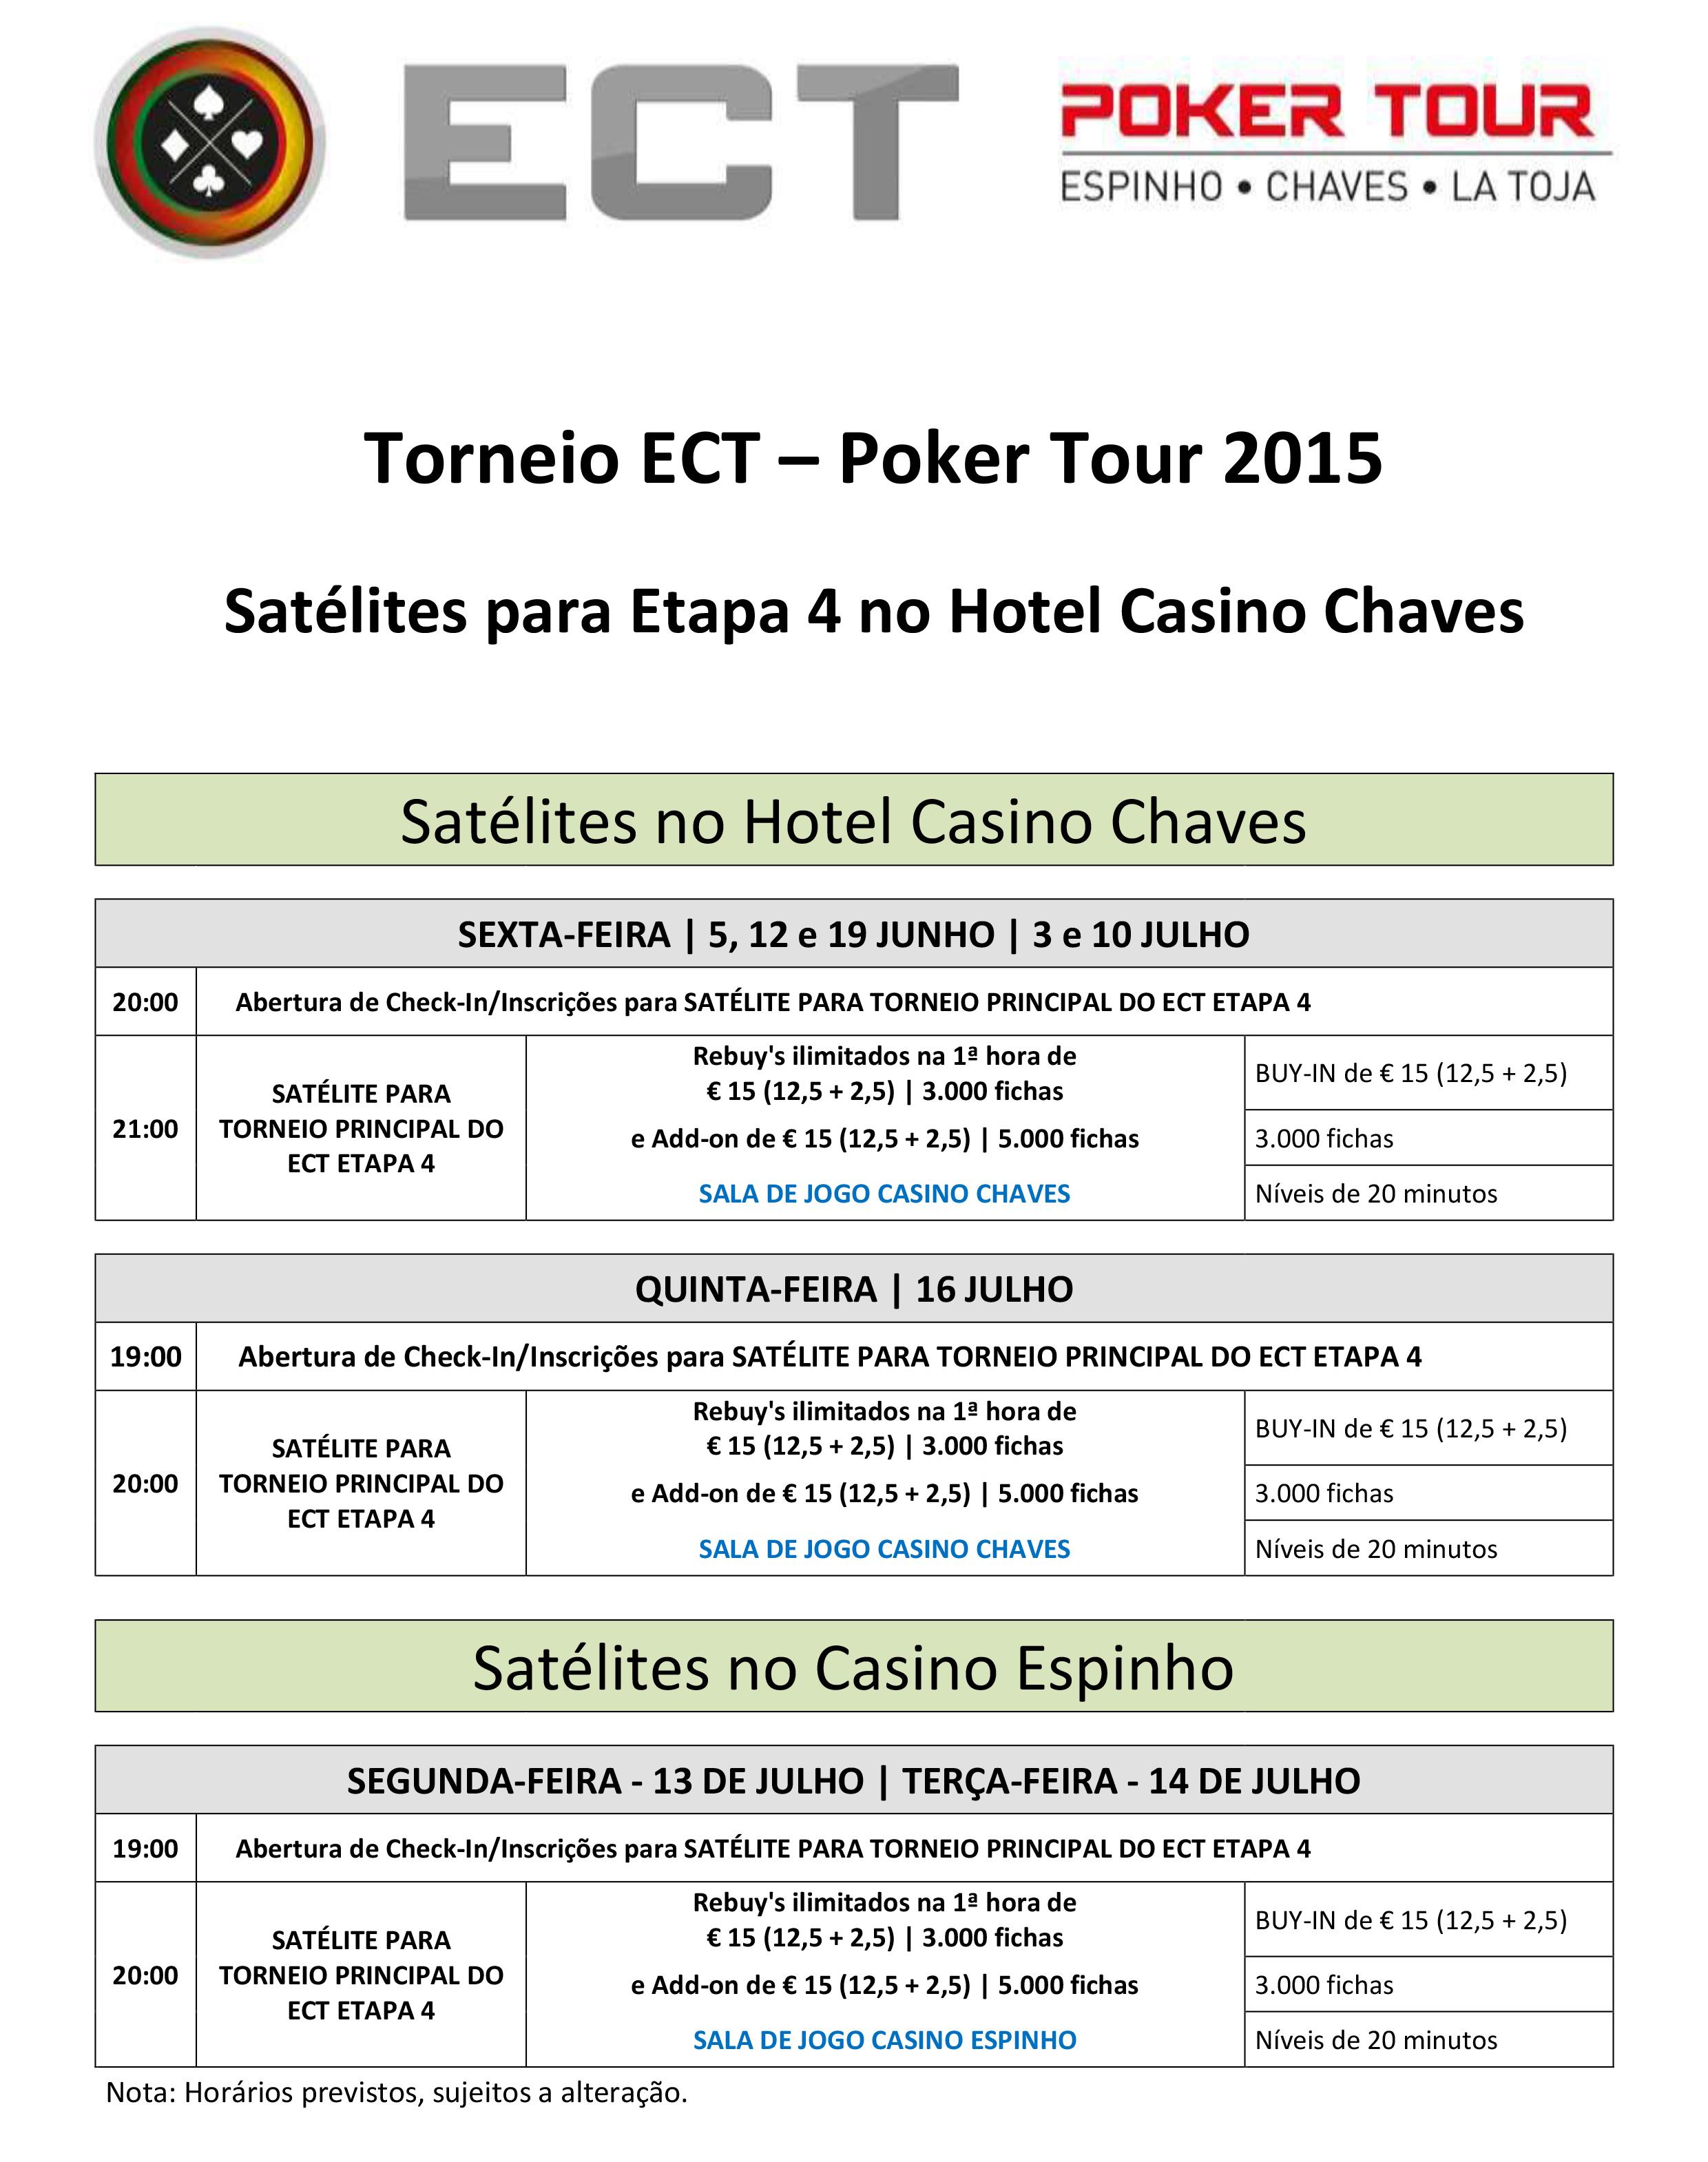 Etapa 4 ECT Poker Tour - Satélites em Chaves e Espinho! 101